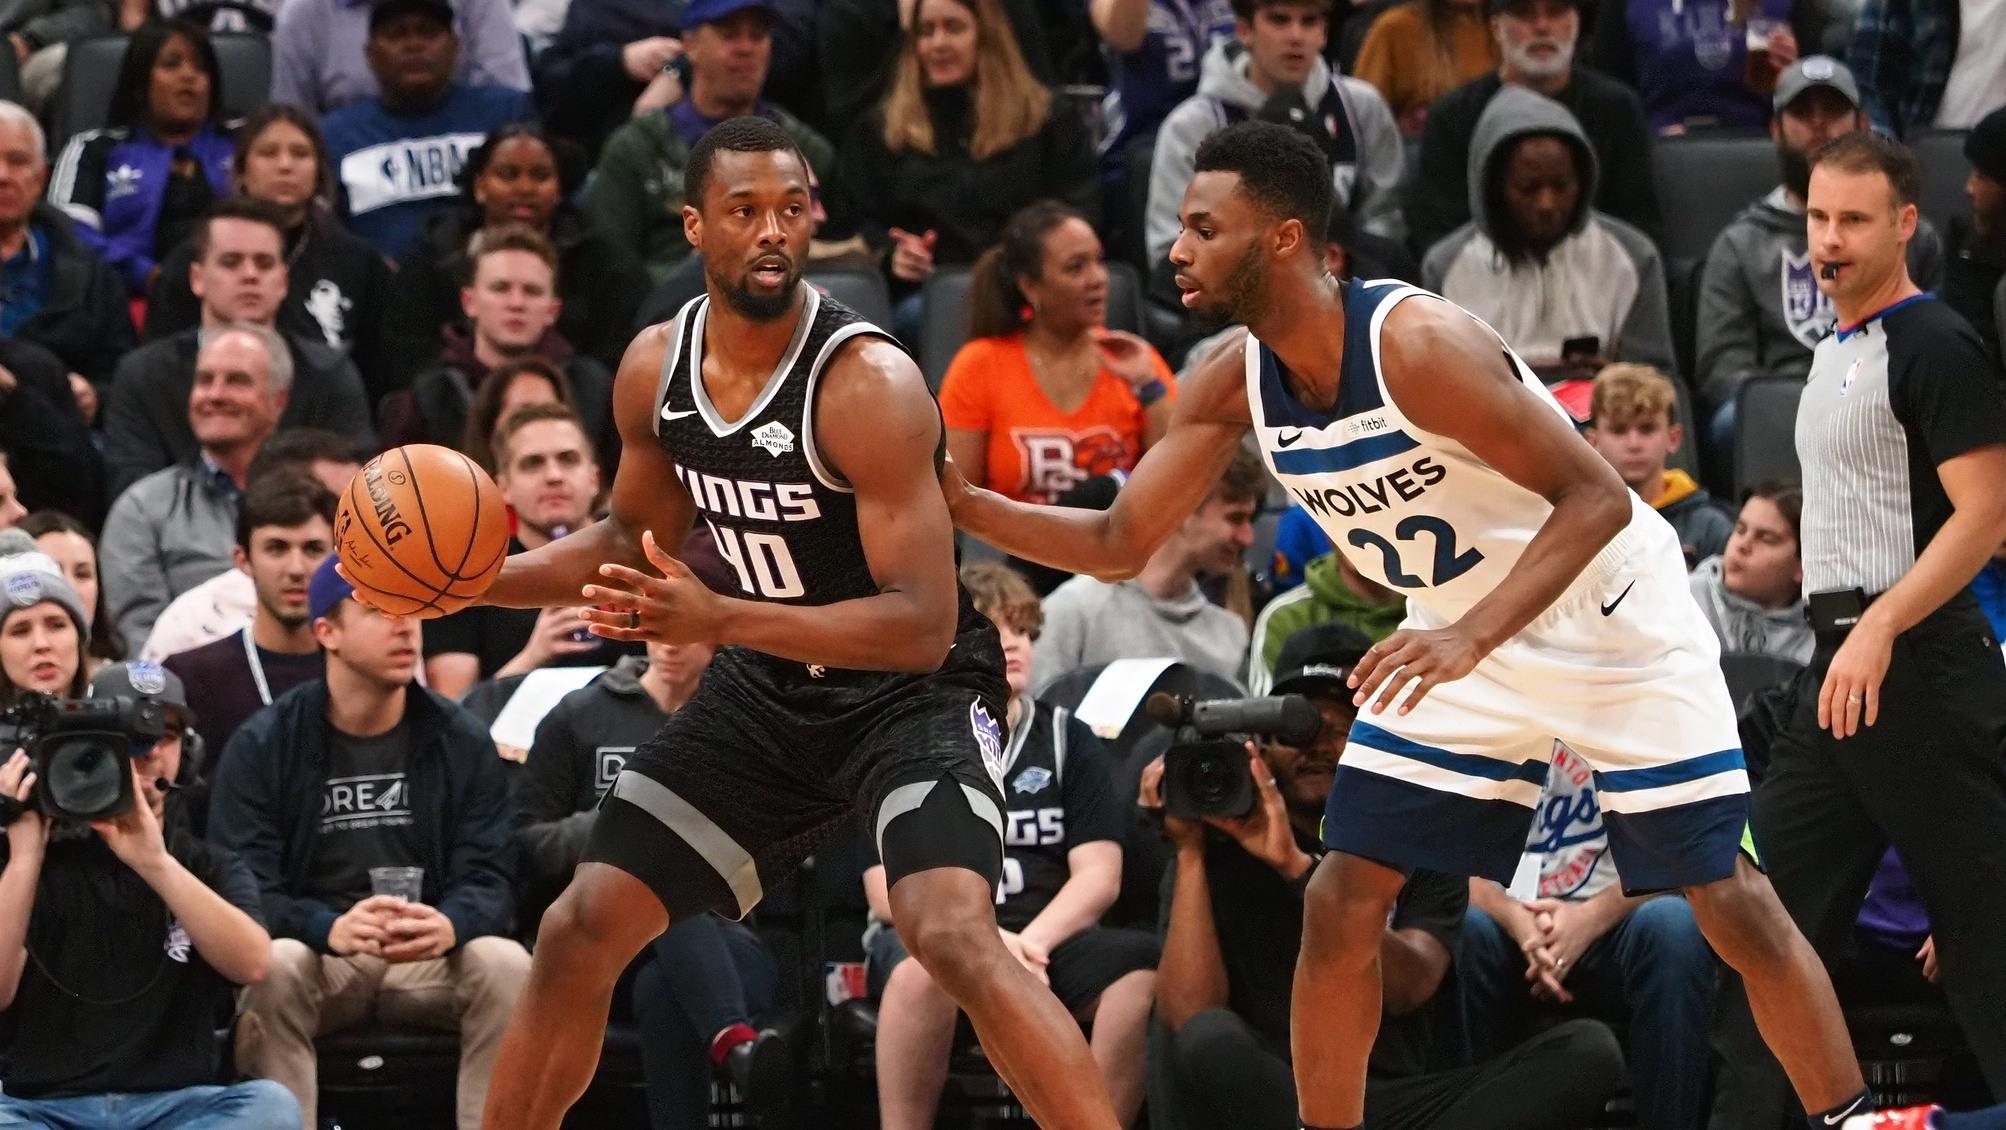 【原声回放】森林狼vs国王第2节 希尔德灵巧欧洲步上篮戏耍吉昂_NBA全场回放